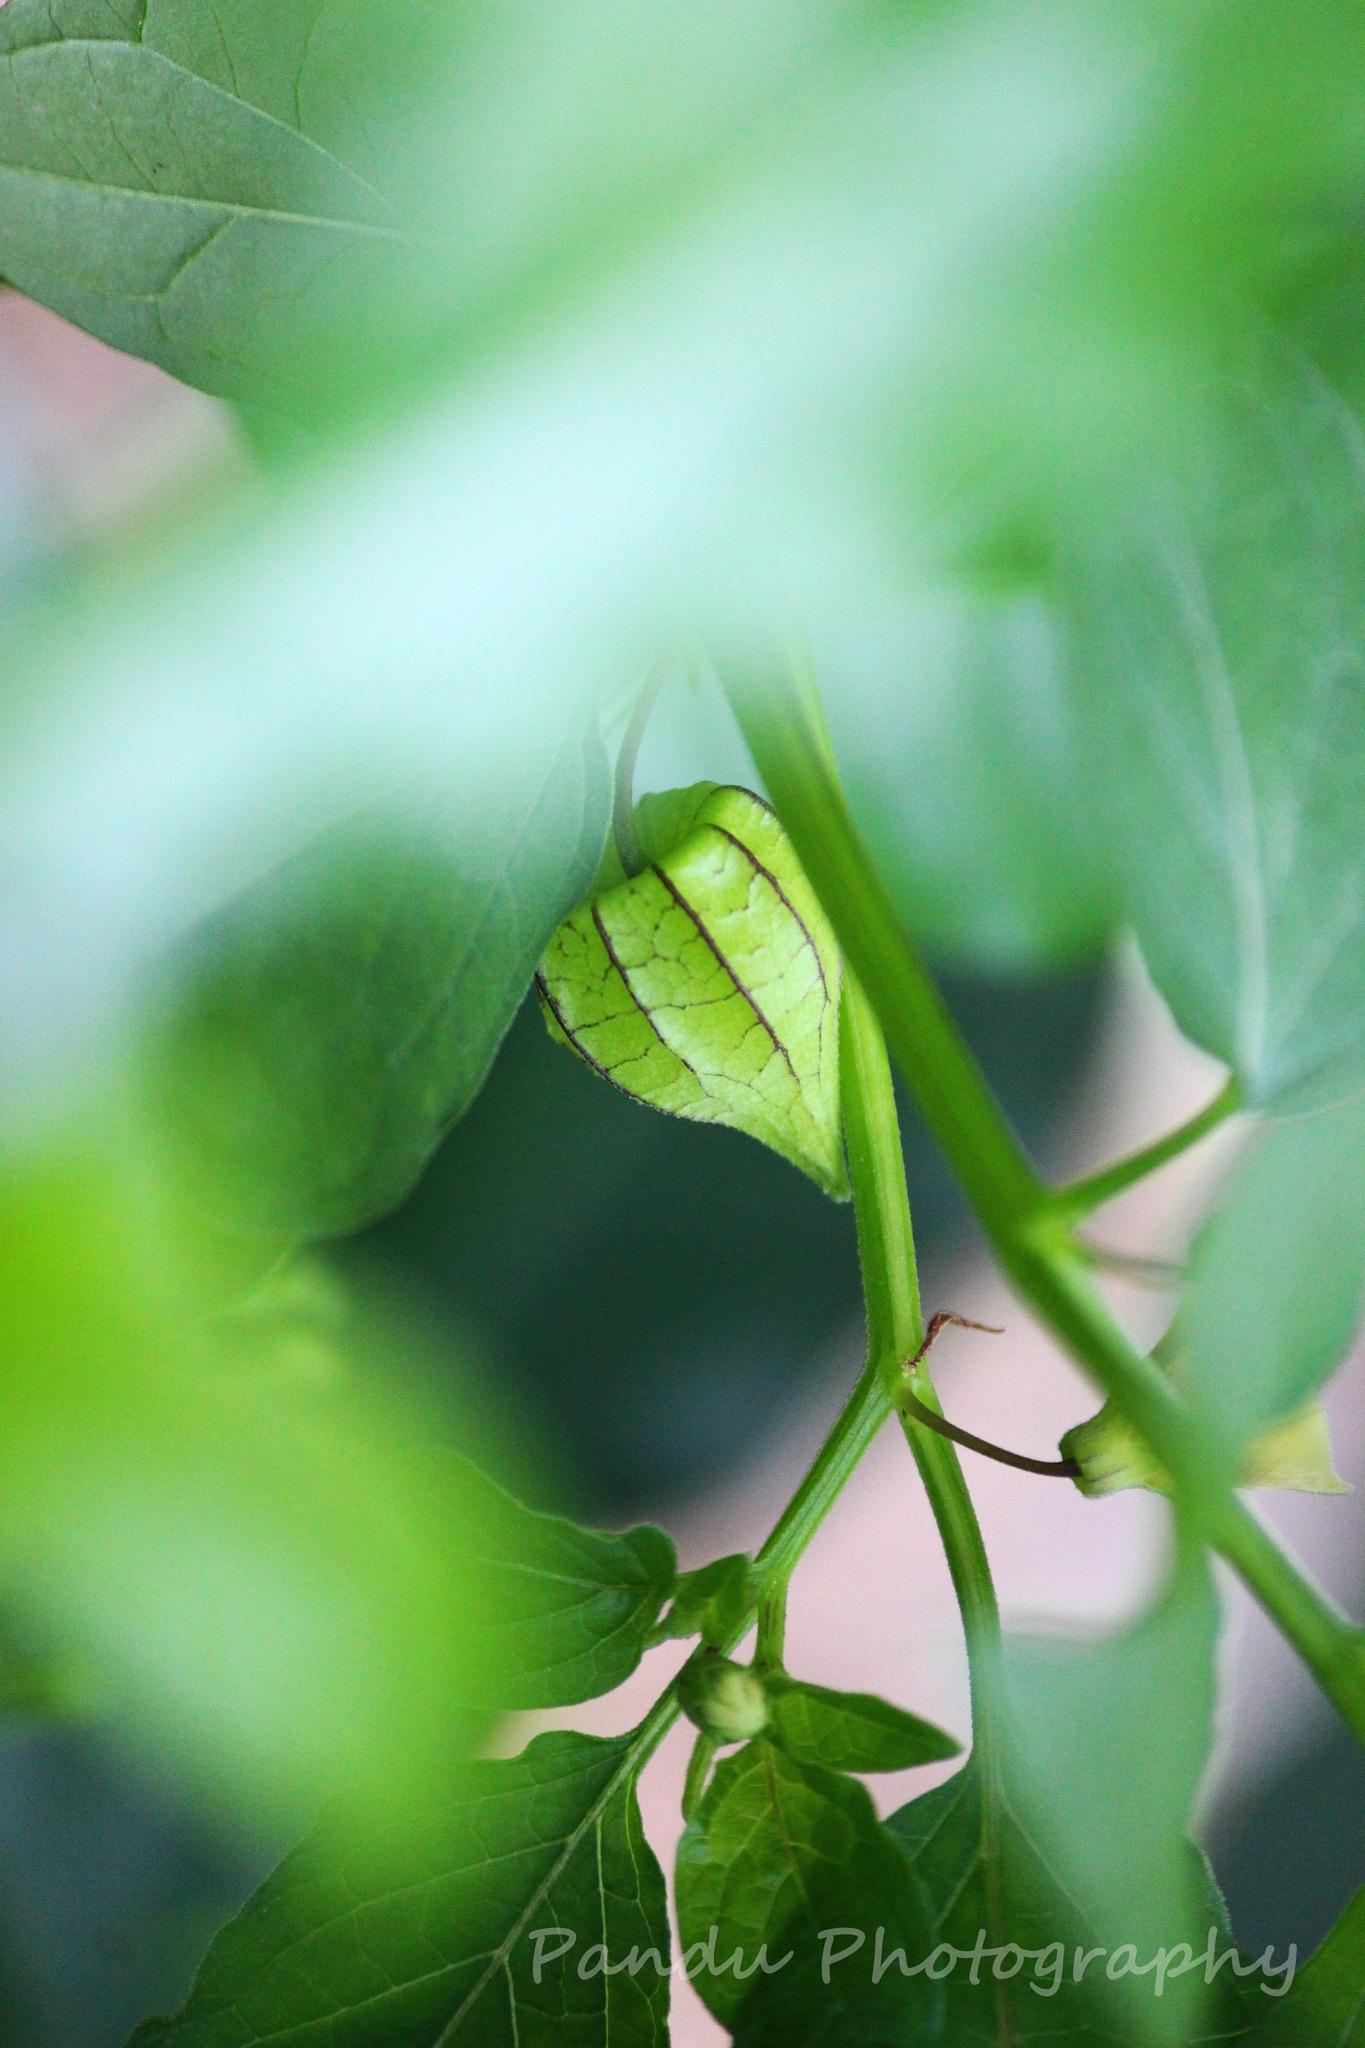 greenary by Naveenkumar Pandu